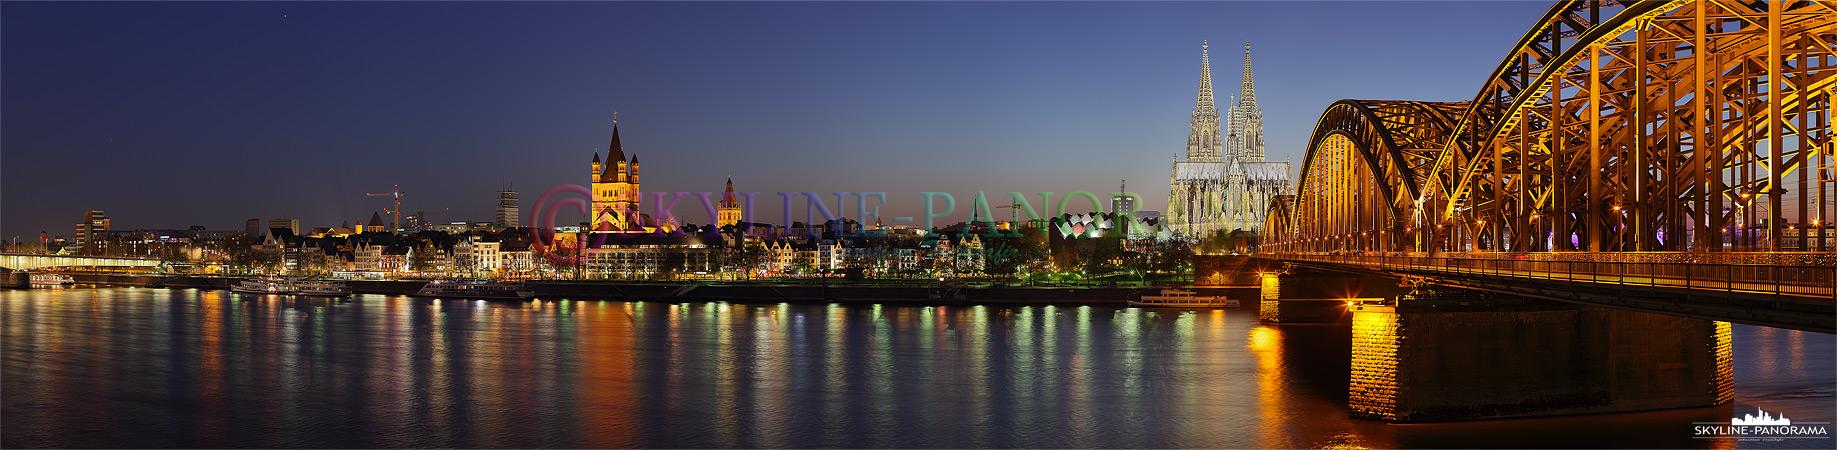 Köln Skyline - Panorama Bild vom Sockel der Hohenzollernbrücke in der Dämmerung. Entstanden ist das Skyline Bild im April 2010 als über Deutschland eine Aschewolke des Isländischen Vulkans Eyjafjallajökull den Flugverkehr behinderte und den Fotografen fotogene Sonnenuntergänge frei von Flugzeugen bescherte.